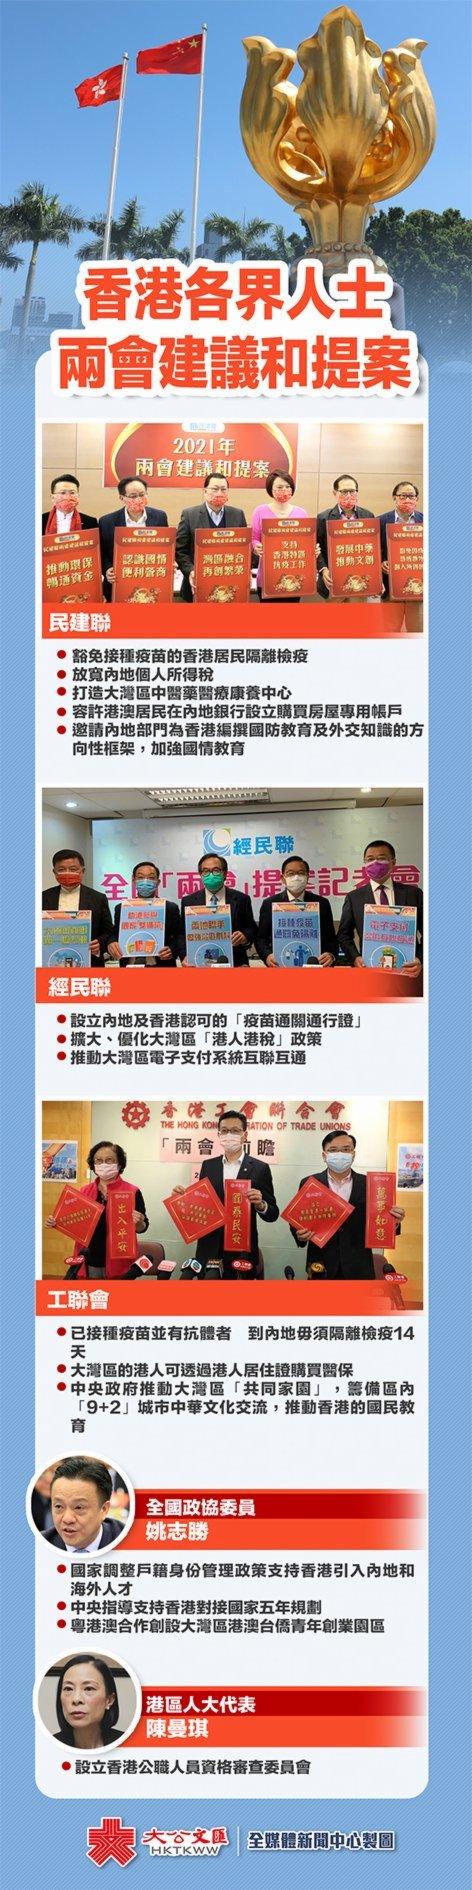 一圖|香港各界人士兩會建議和提案